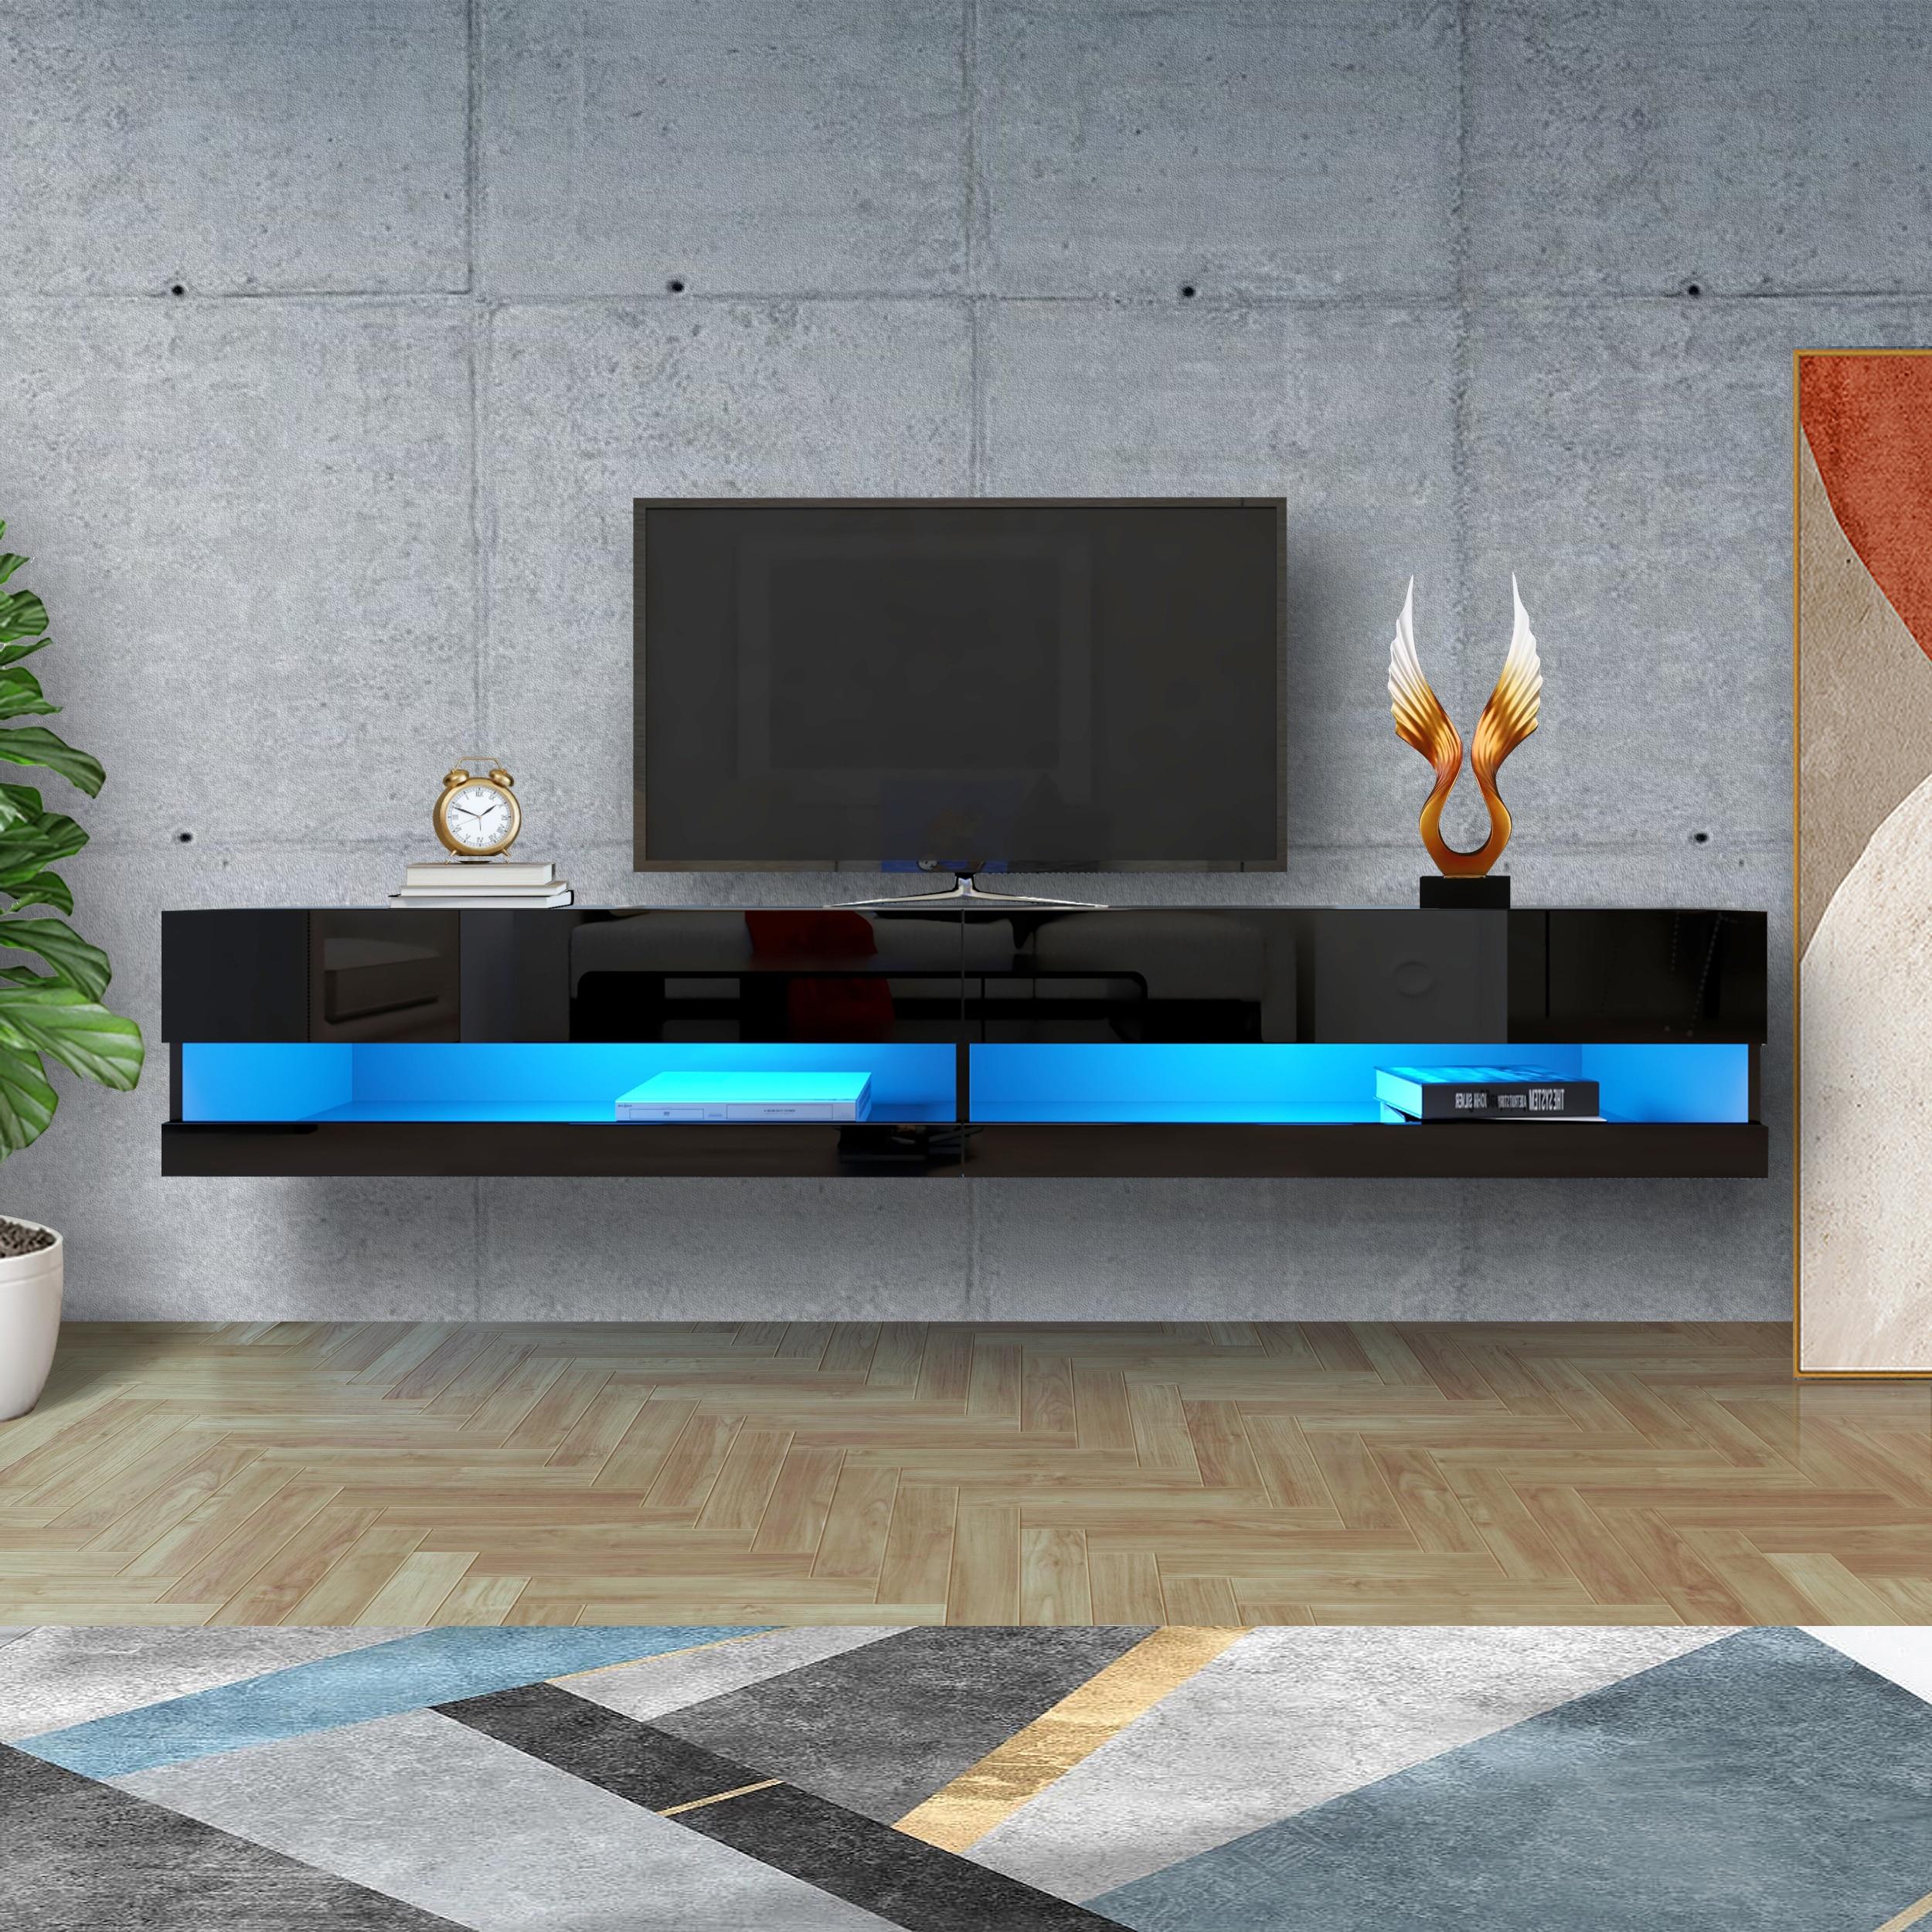 حامل تلفاز LED خزانة تلفاز 180 مثبت على الحائط حامل تلفاز 80 بوصة مع 20 مصابيح ليد ملونة أبيض